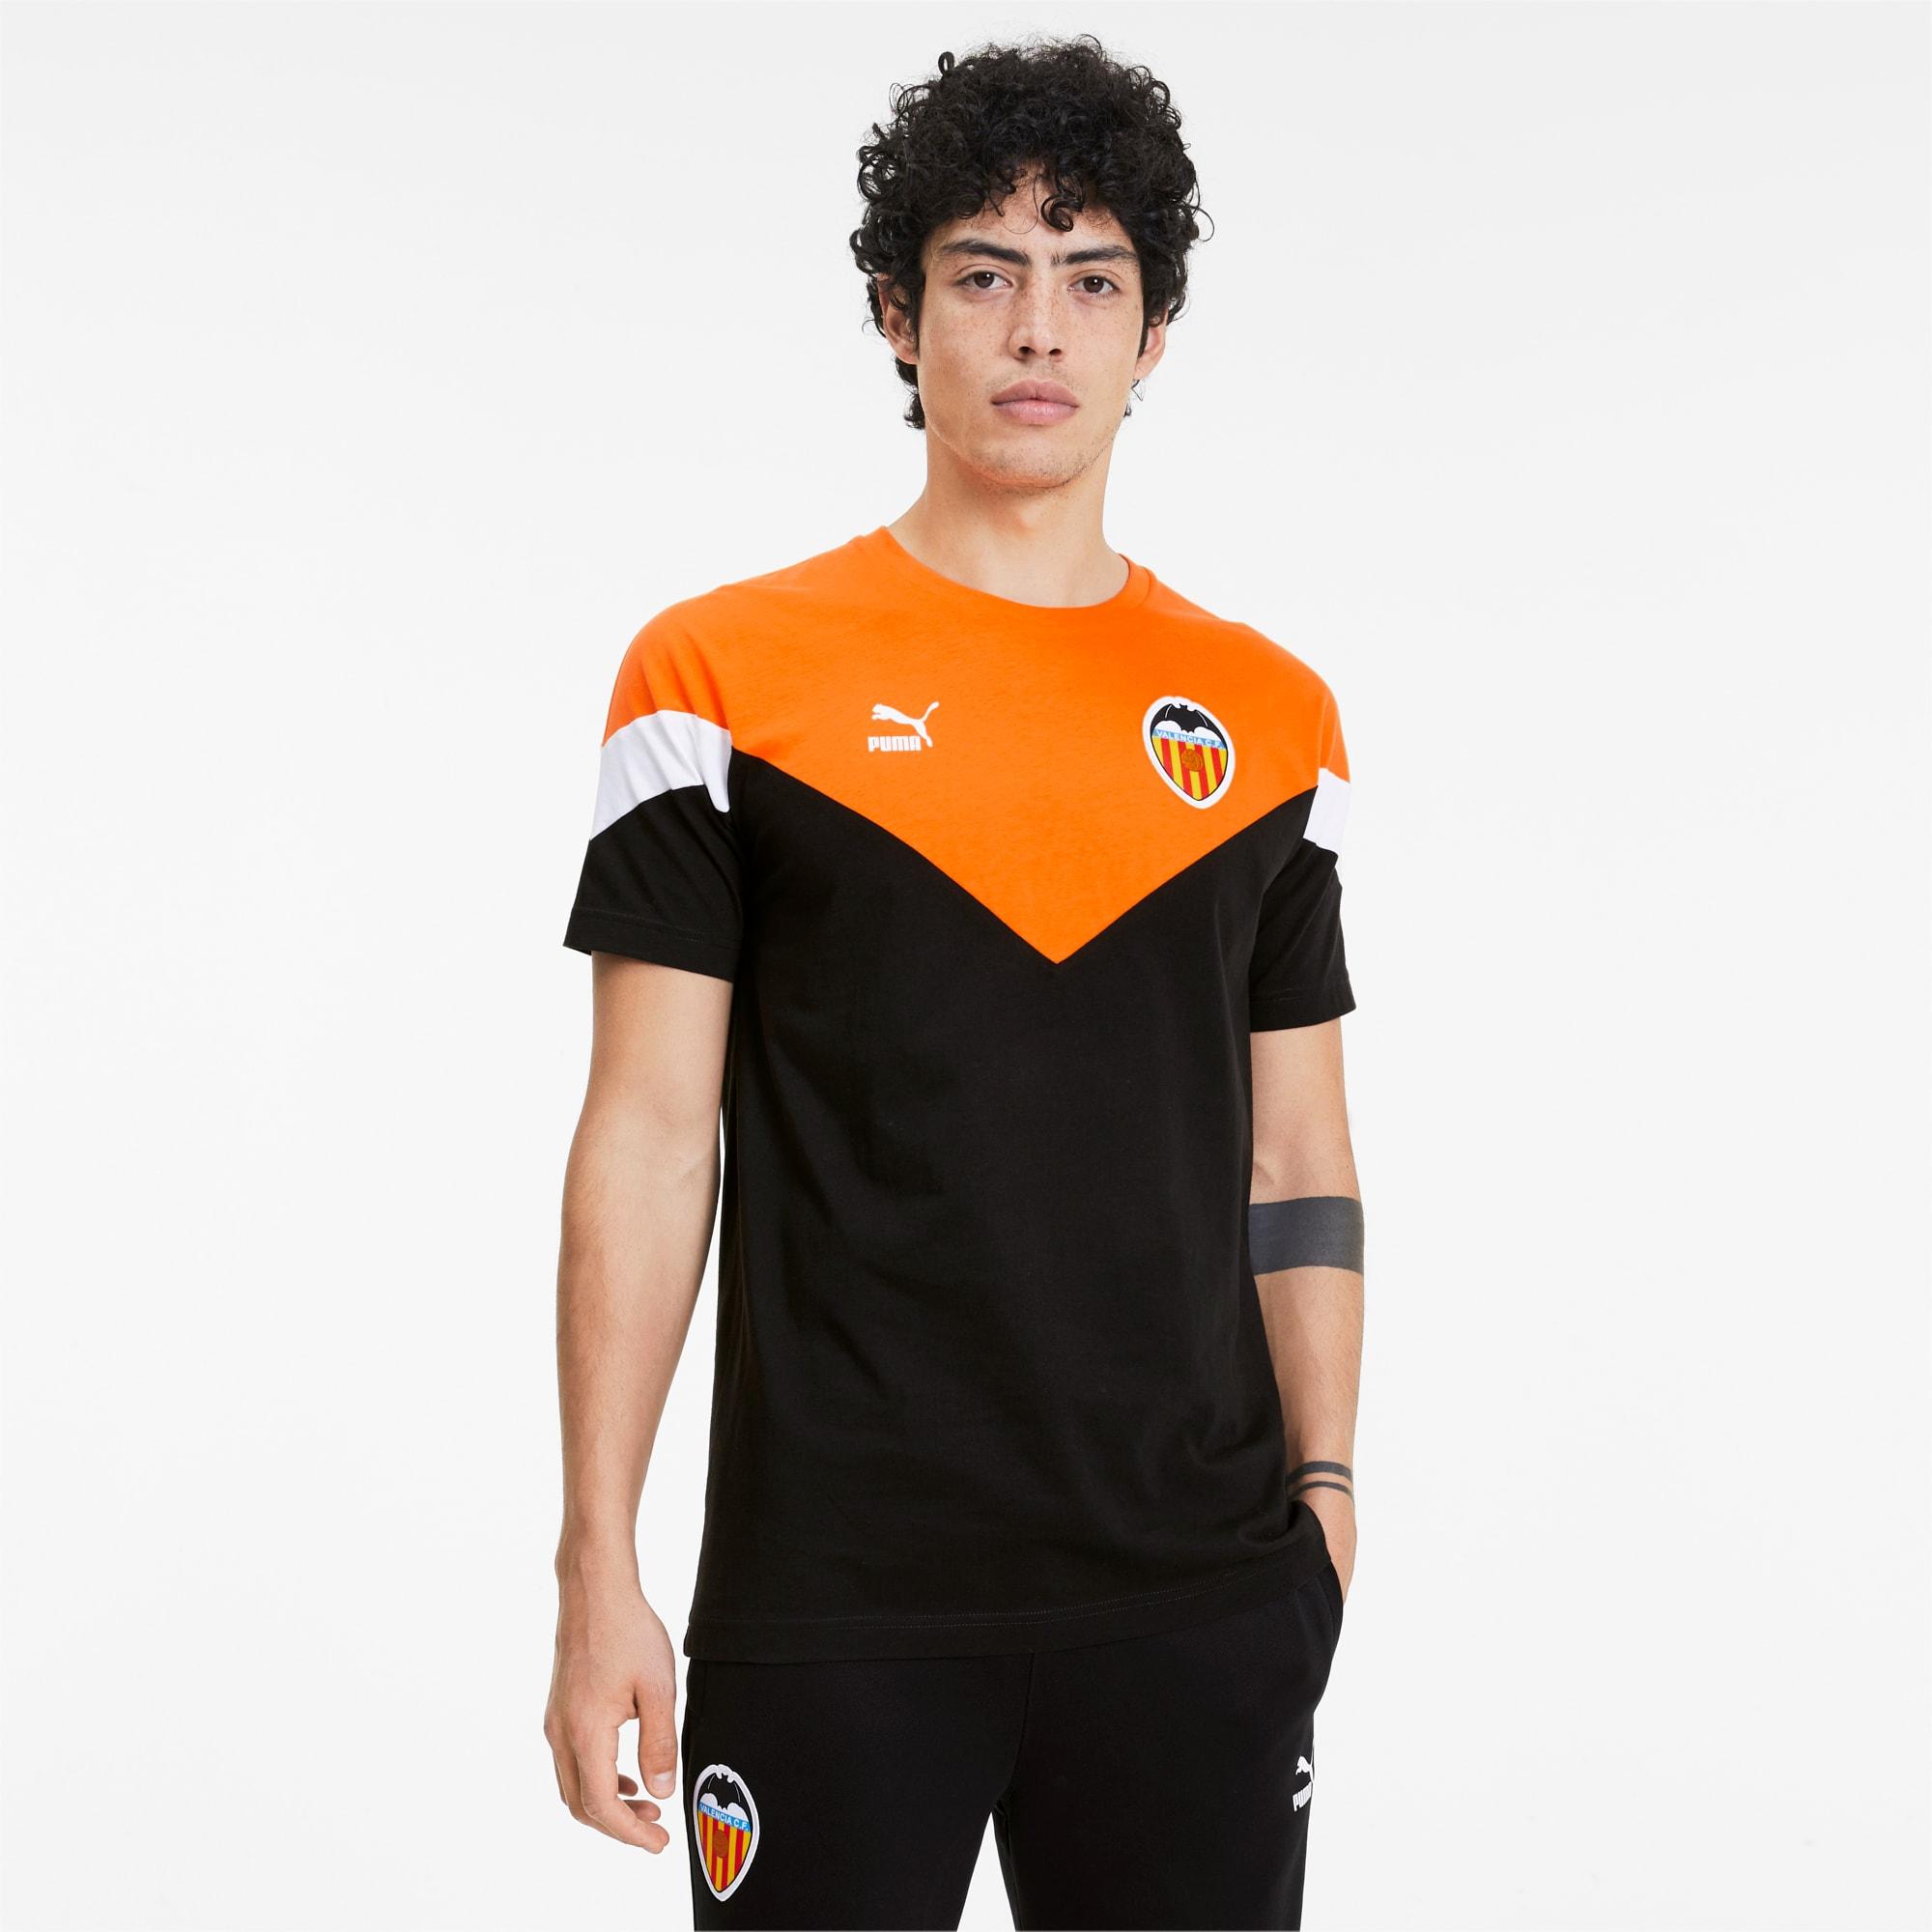 t-shirt valencia cf iconic mcs pour homme, noir/orange, taille m, vêtements